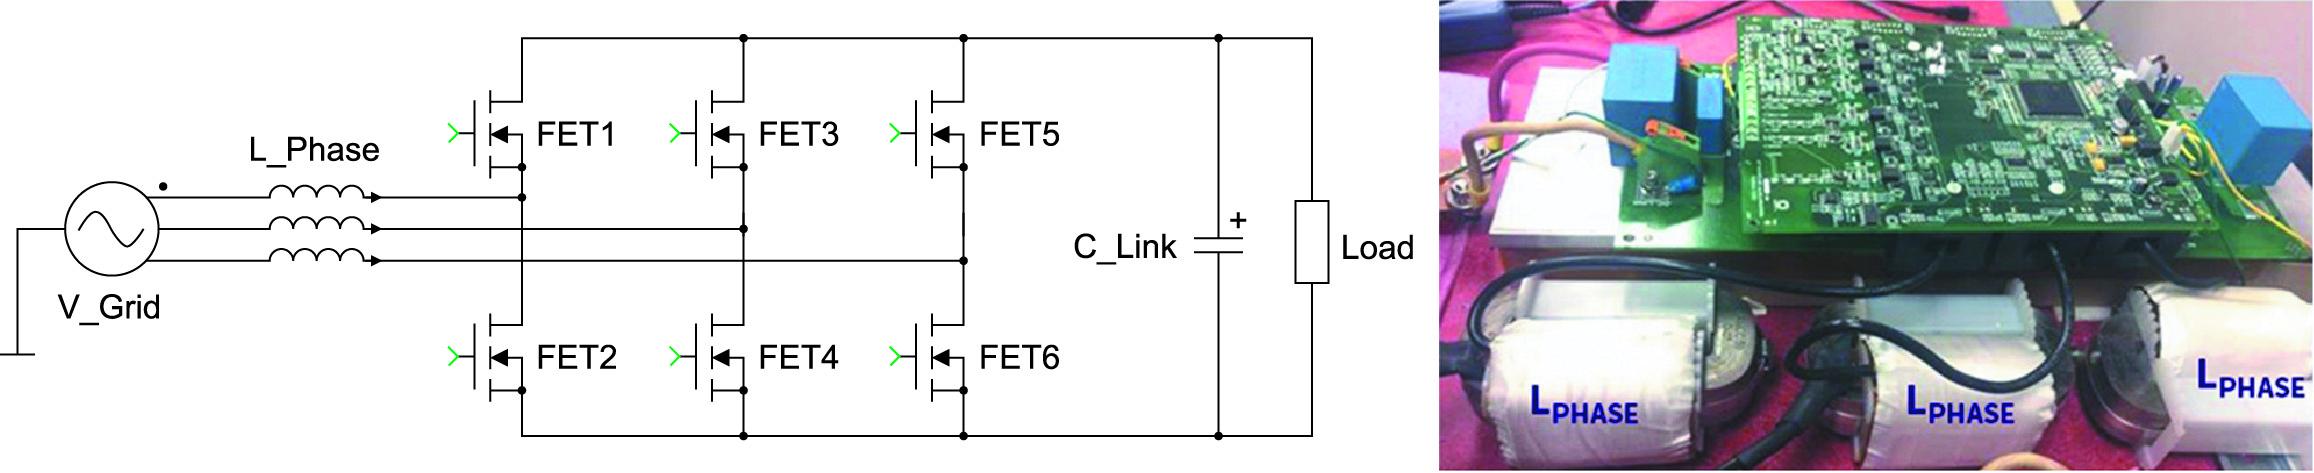 Схема 2L трехфазного силового каскада AFE, прототип AFE мощностью 20 кВт на базе двух параллельных C3M0065100K на ключ